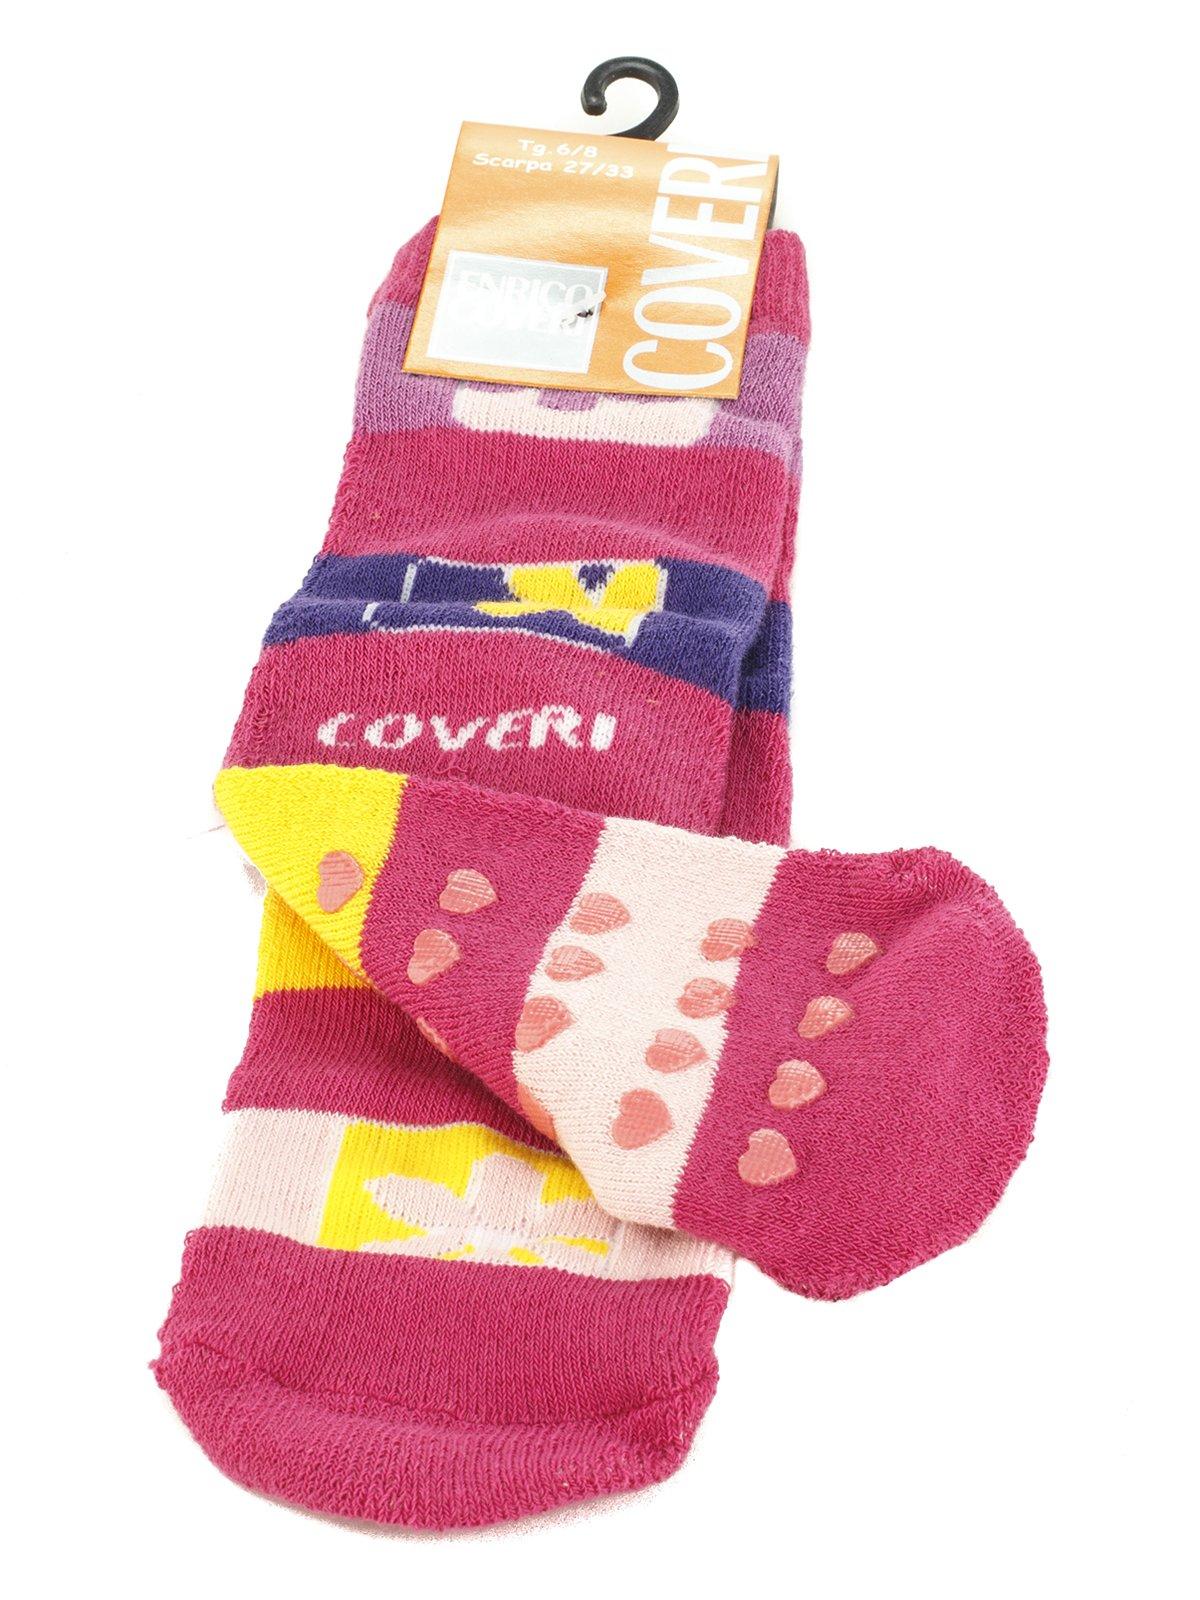 Носки малинового цвета с контрастными полосками | 576567